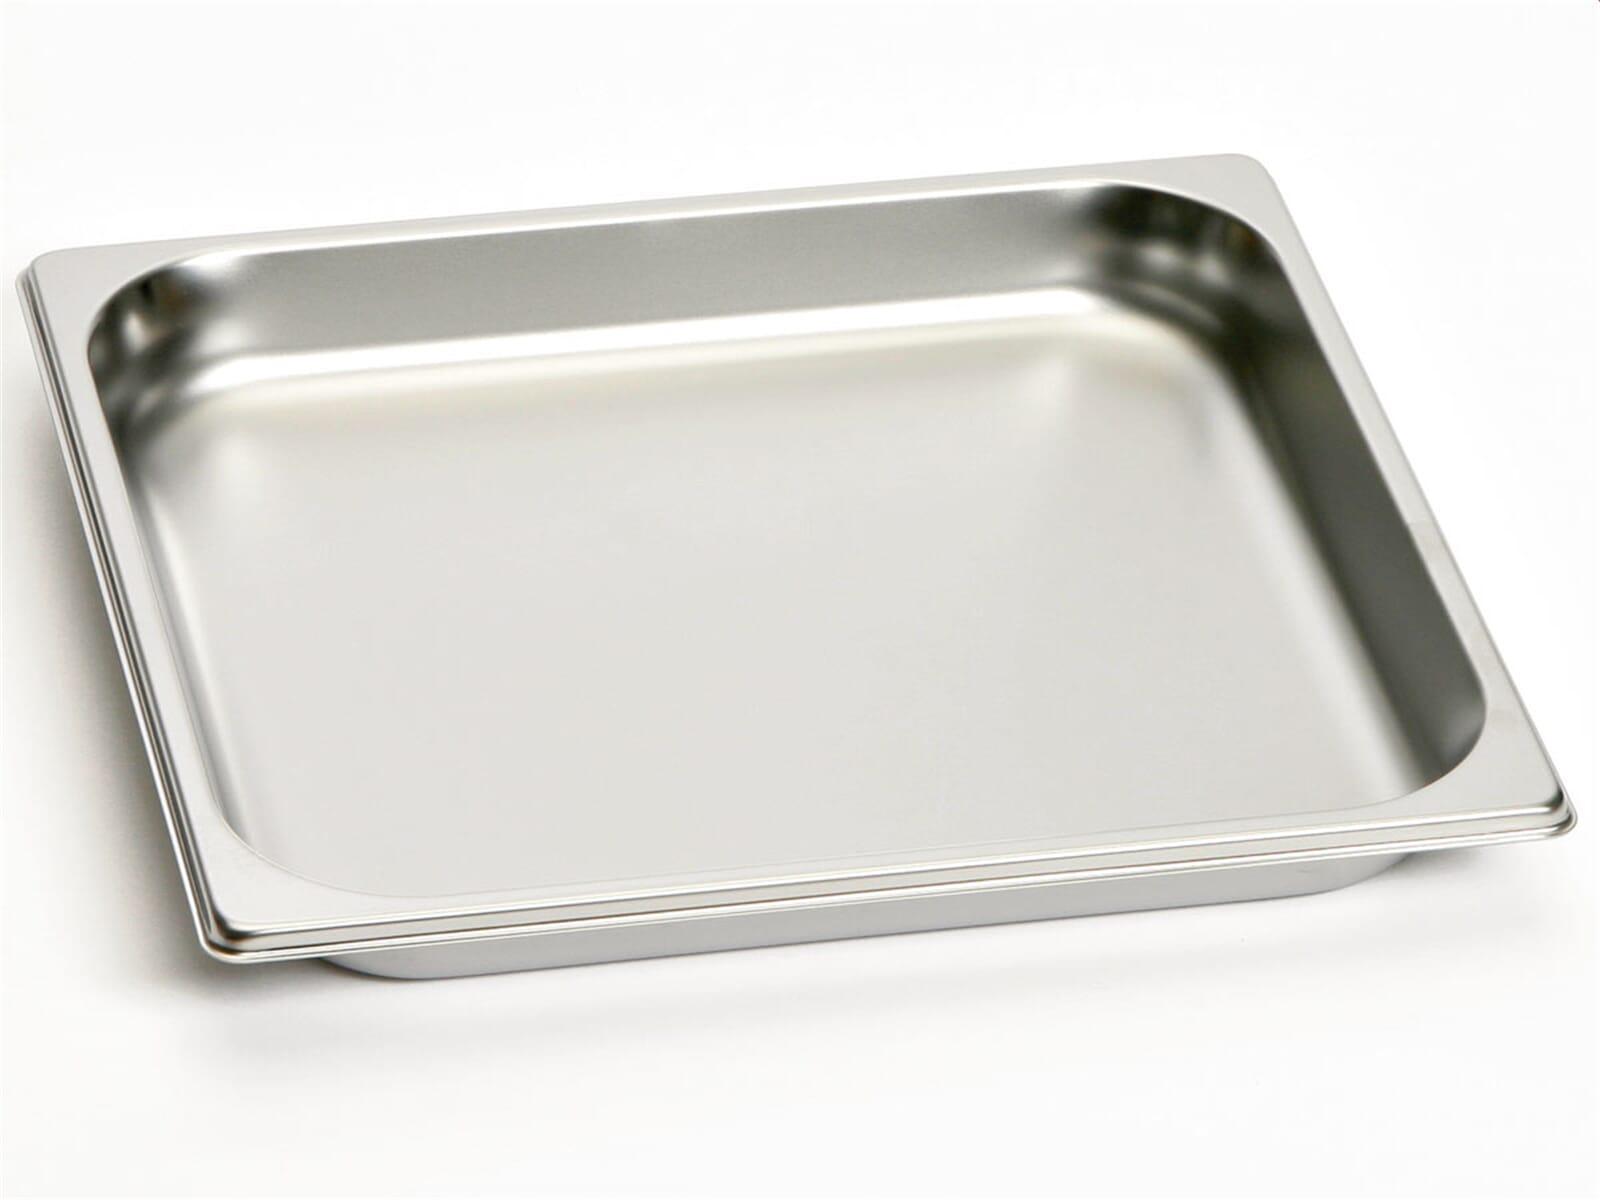 Gaggenau GN 114 230 Gastronorm-Behälter GN 2/3 ungelocht Edelstahl